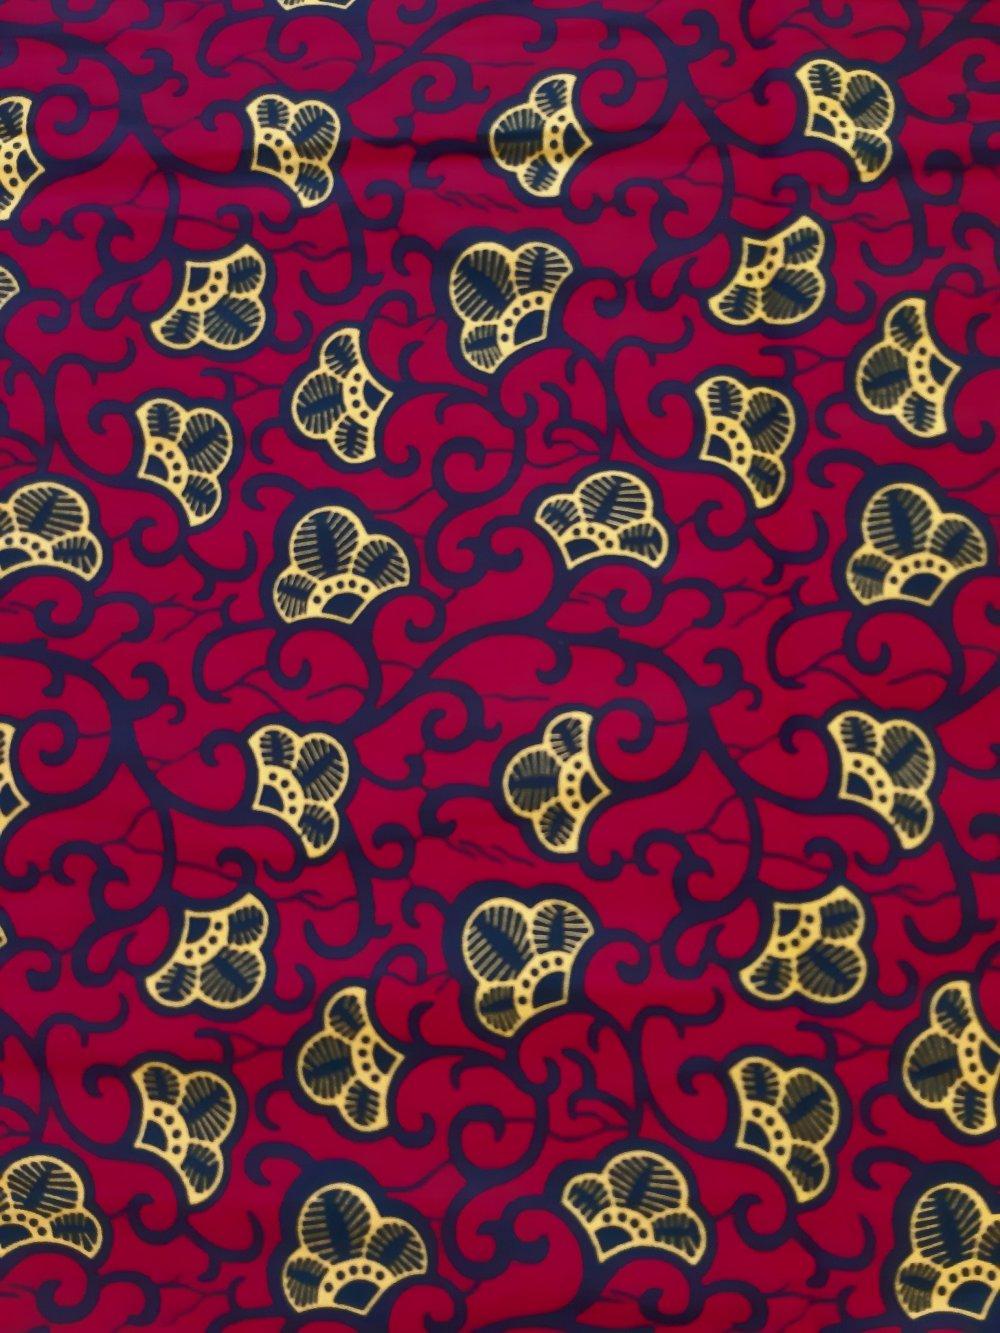 Tissu wax - par 50 centimètres - petites fleurs jaunes sur fond rouge - 100% coton - Tissu africain - pagne